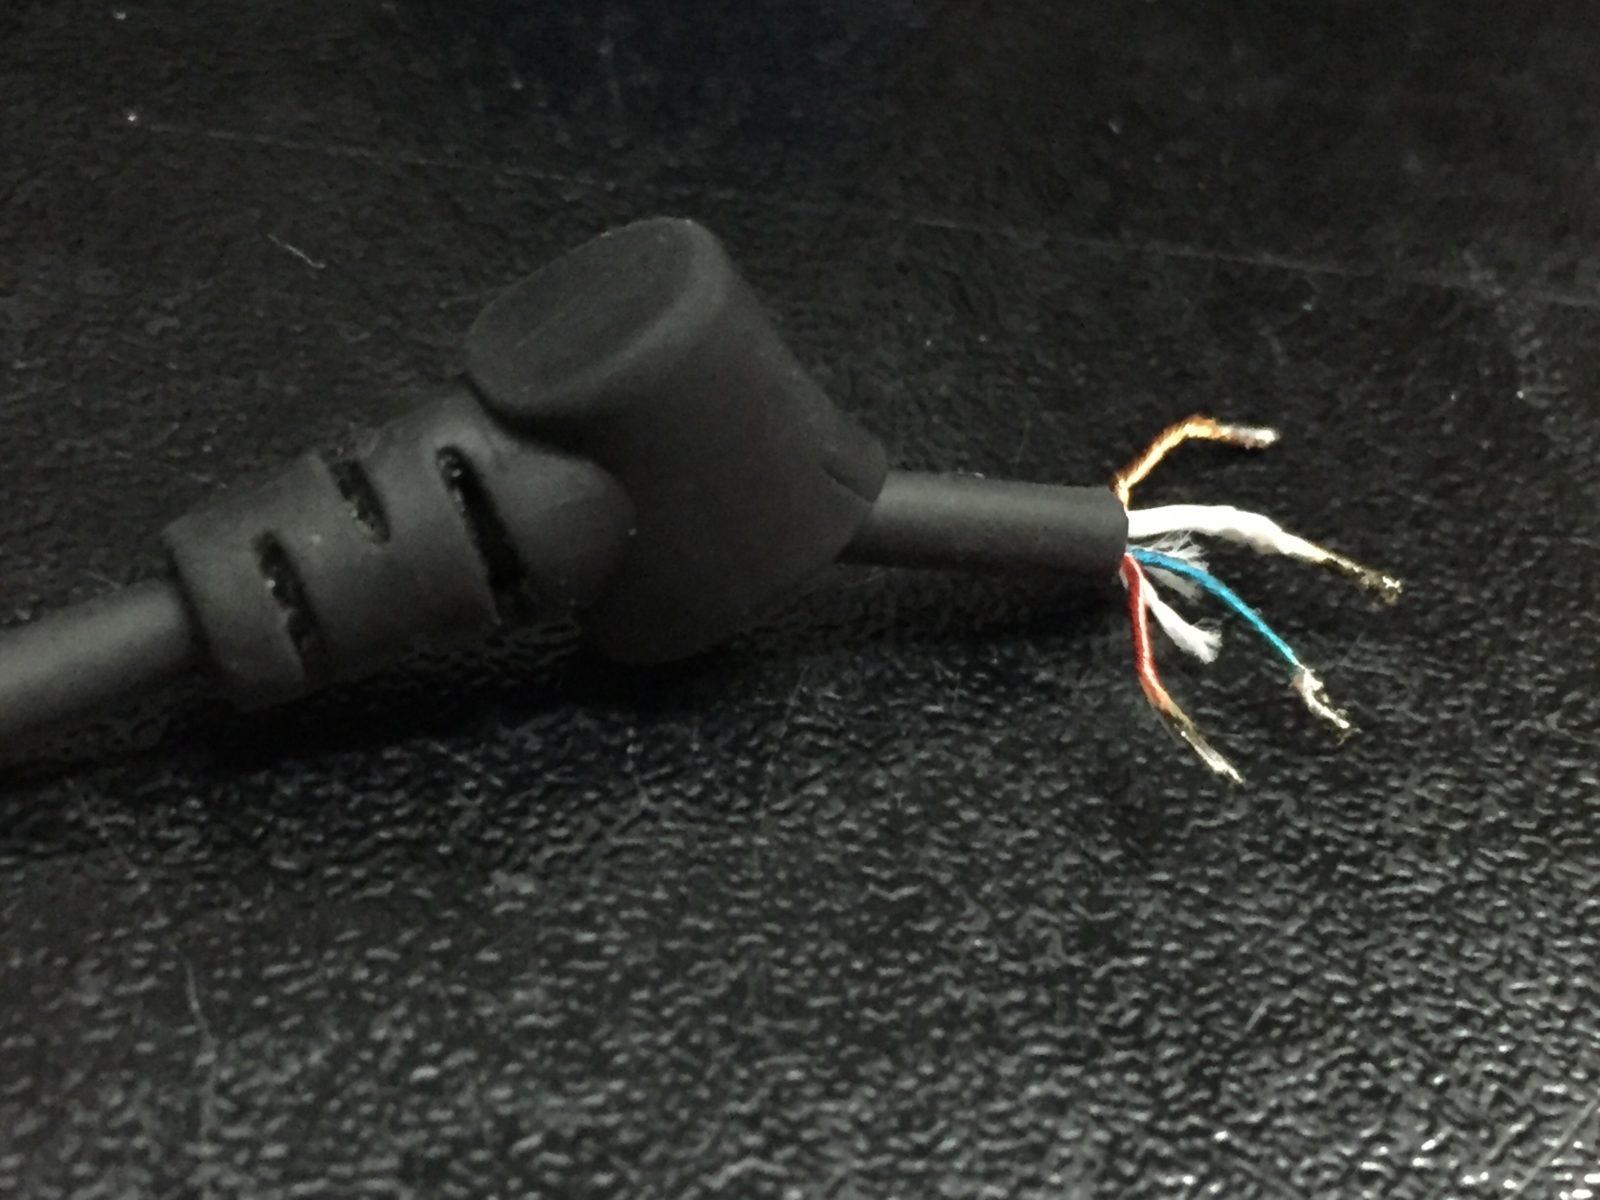 Razer kraken пропал звук, восстановление штекера